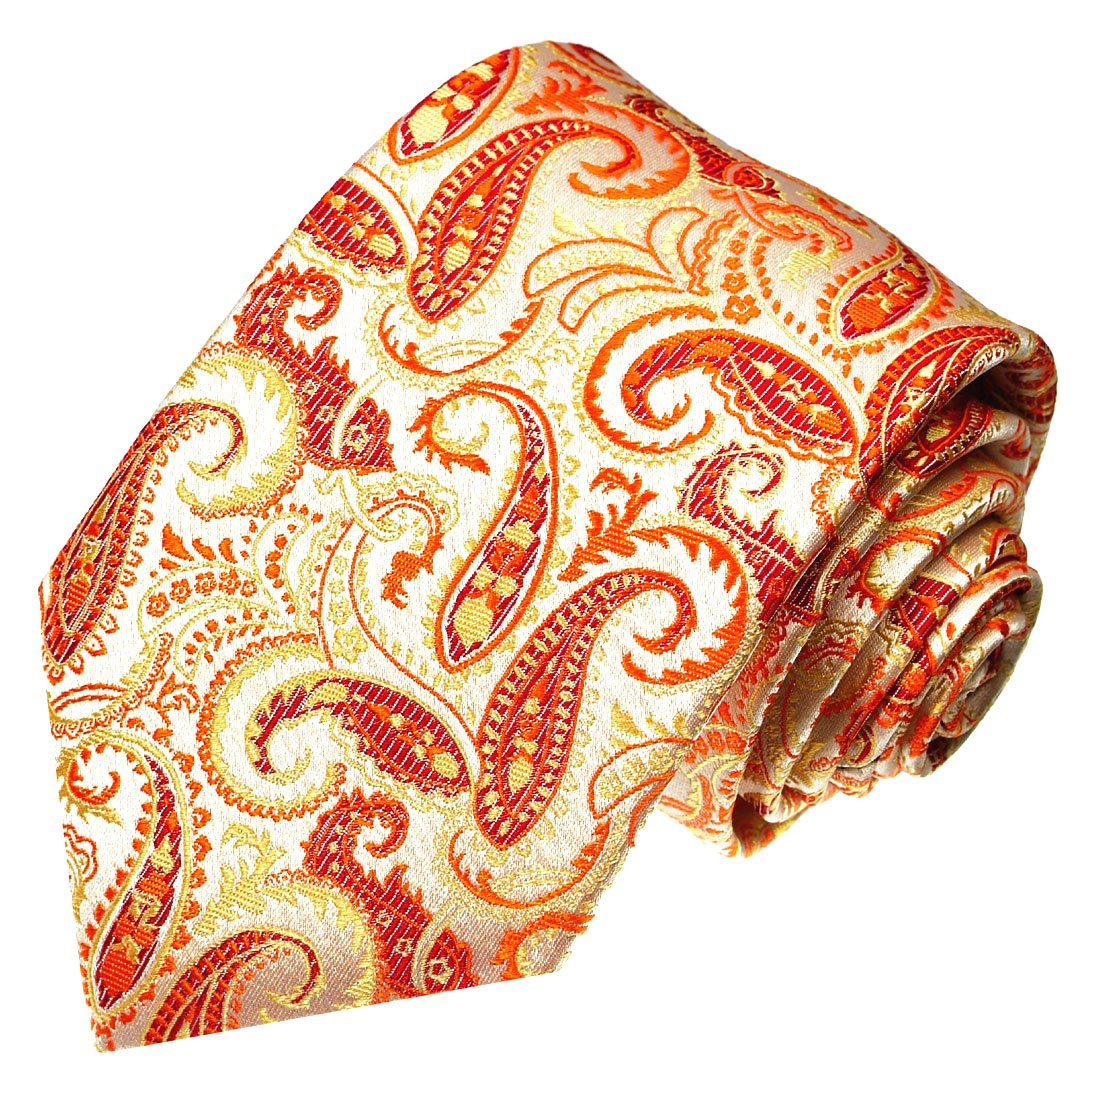 /marchio cravatta in 100/% seta/ /25001 /Arancione salmone rosso Paisley/ LORENZO CANA/